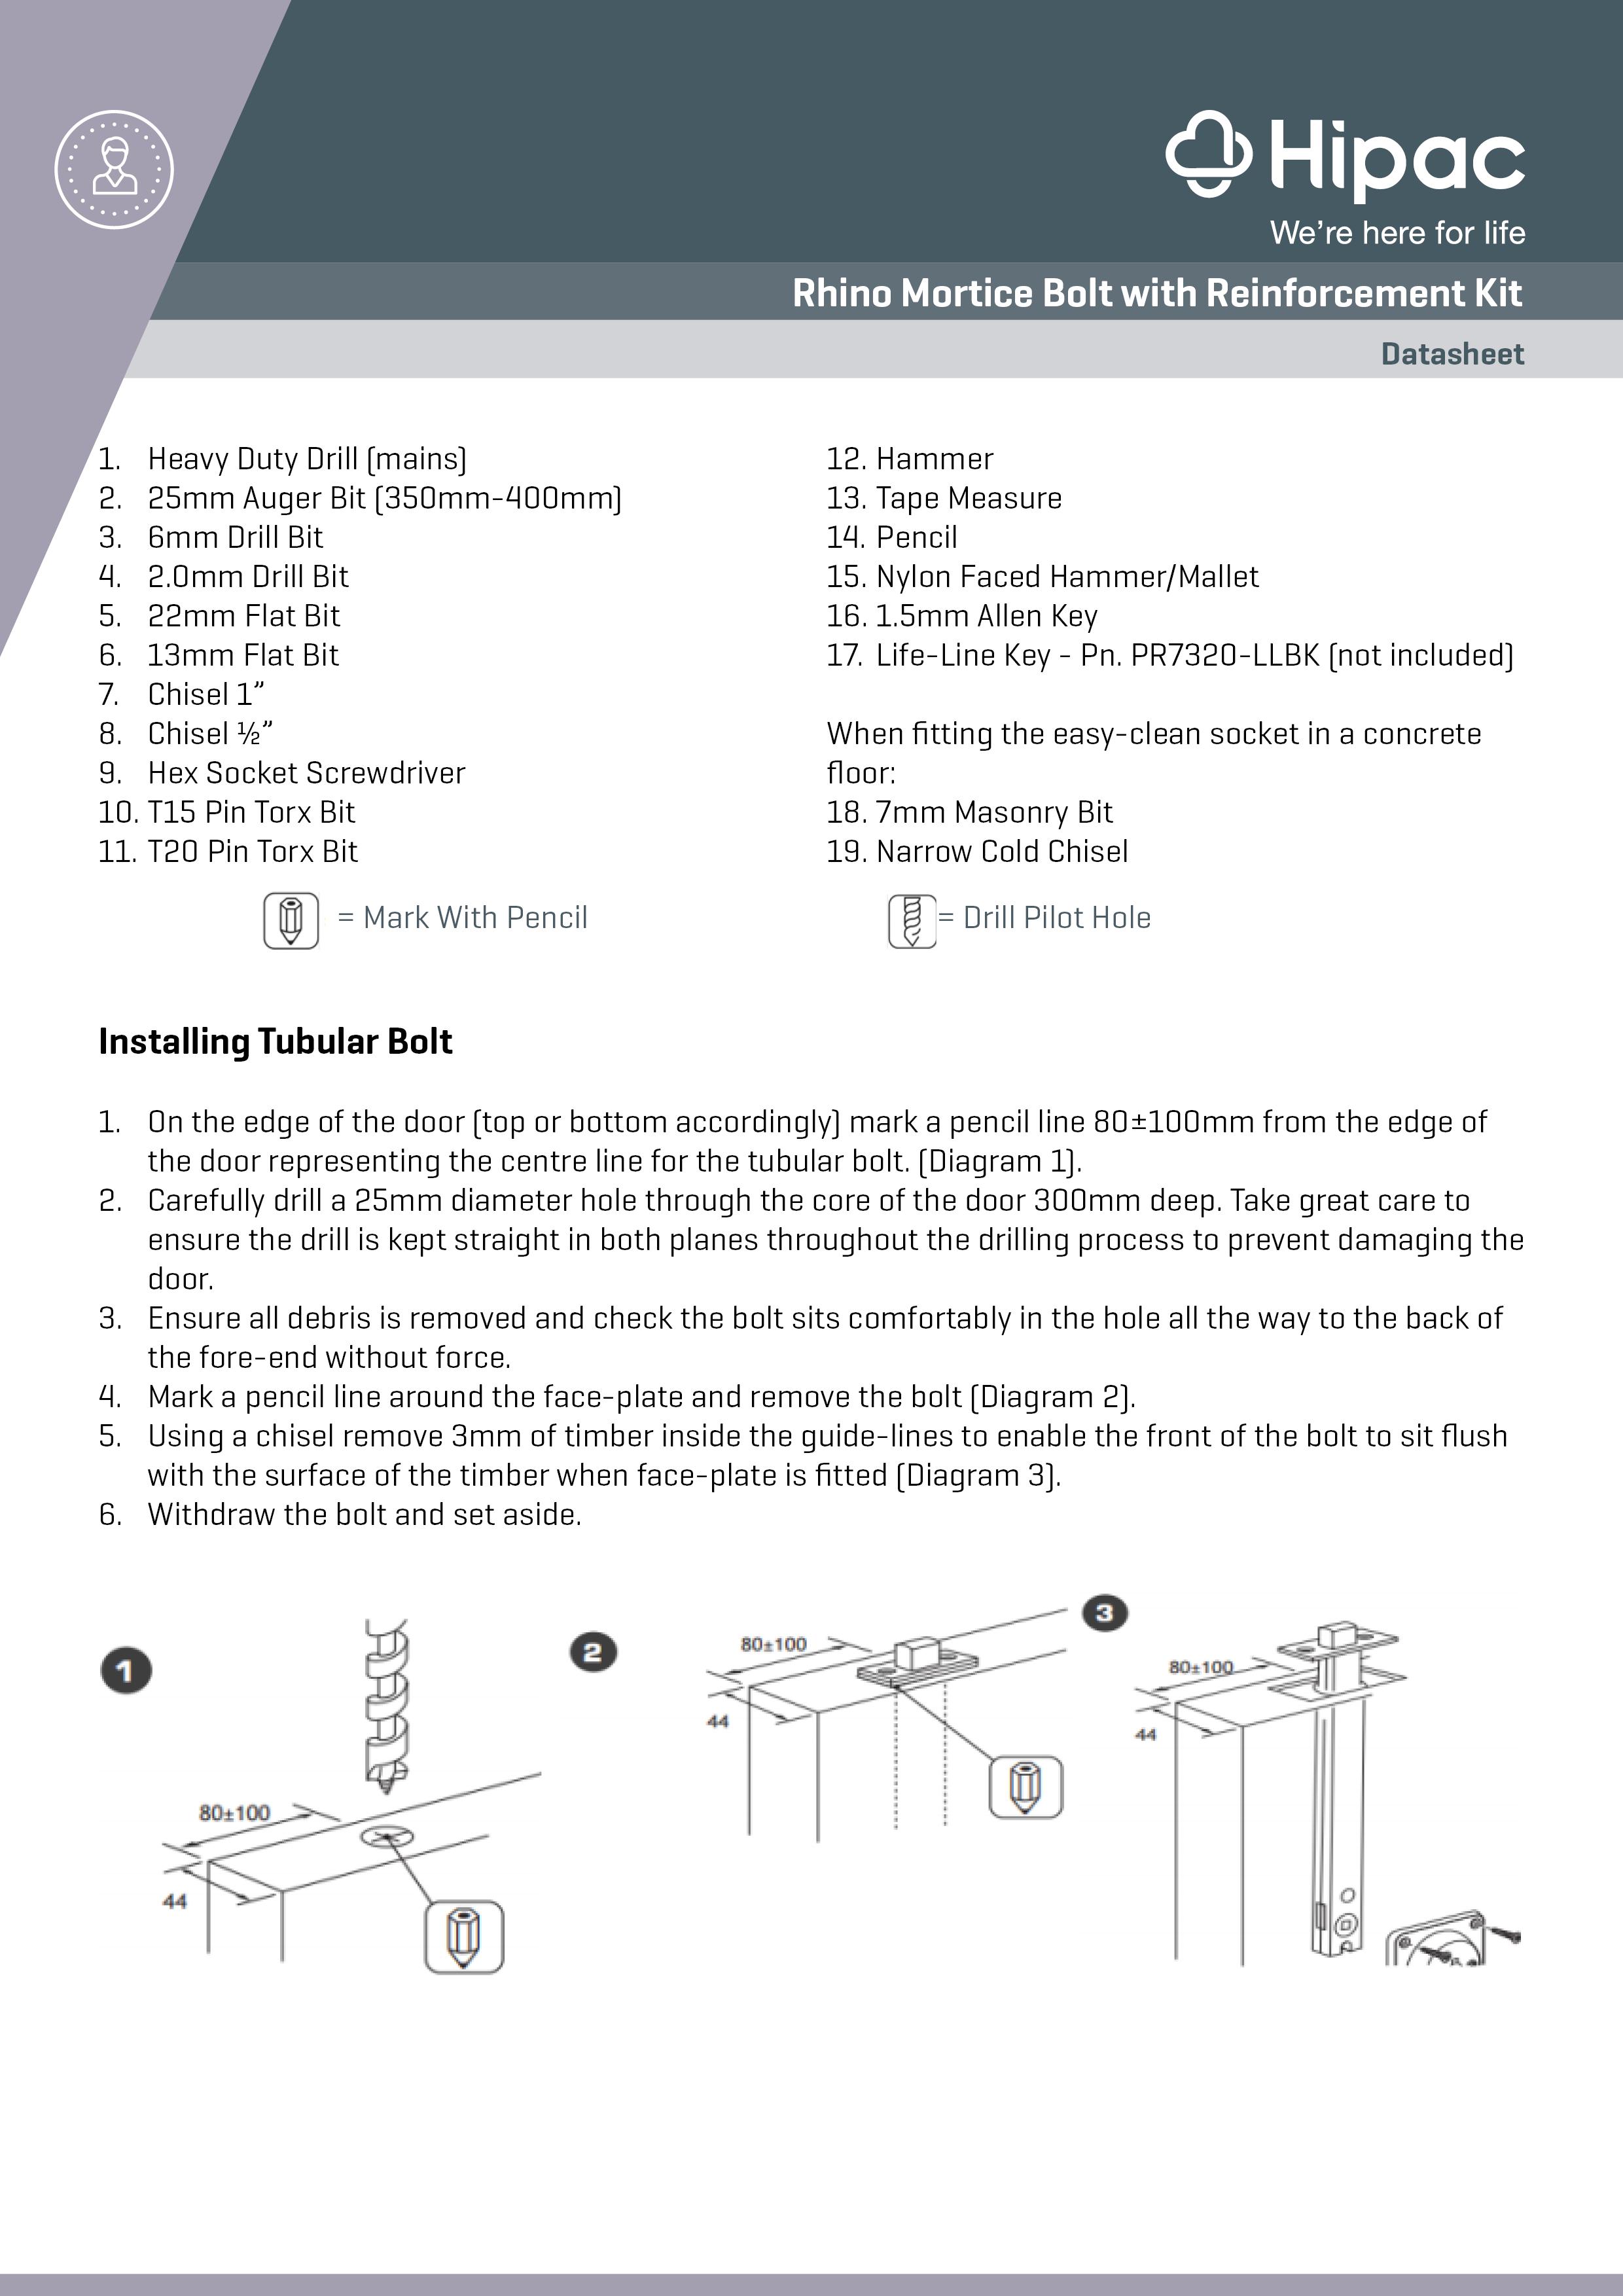 Rhino Mortice Bolt Installation Guide